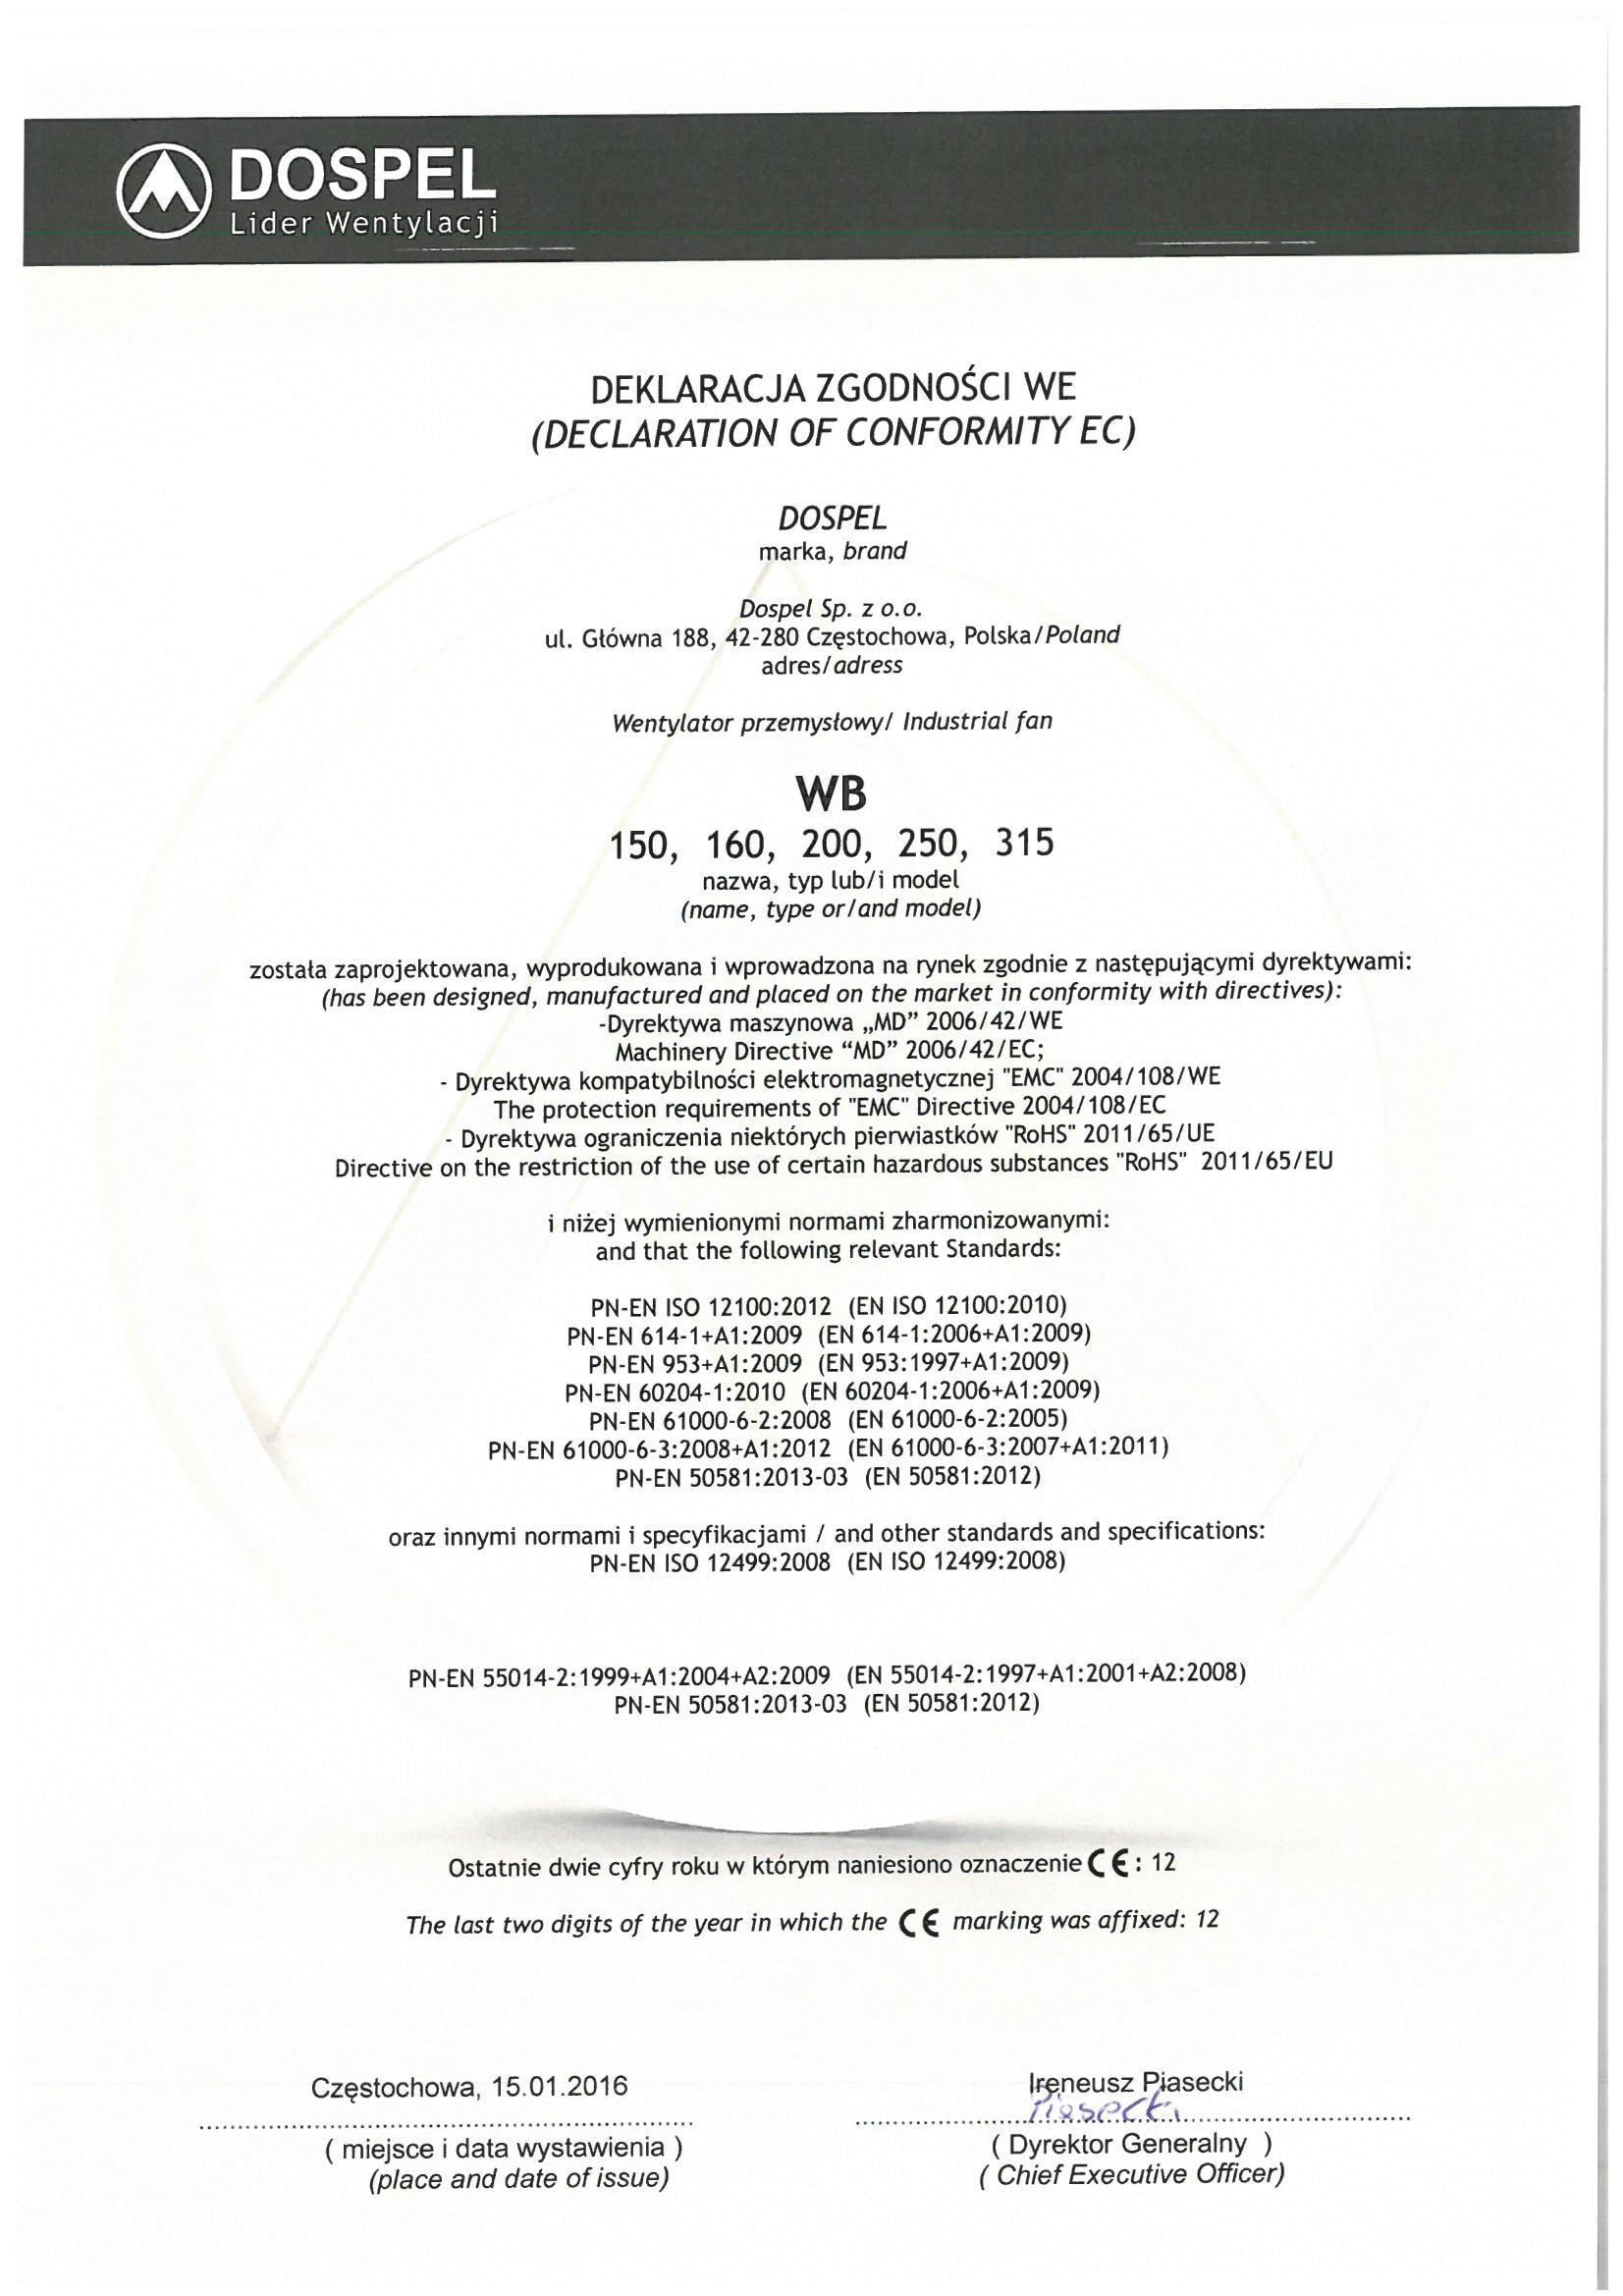 Wentylator przemysłowy kanałowy, WB, certyfikat, deklaracja zgodności, producent wentylatorów, Dospel